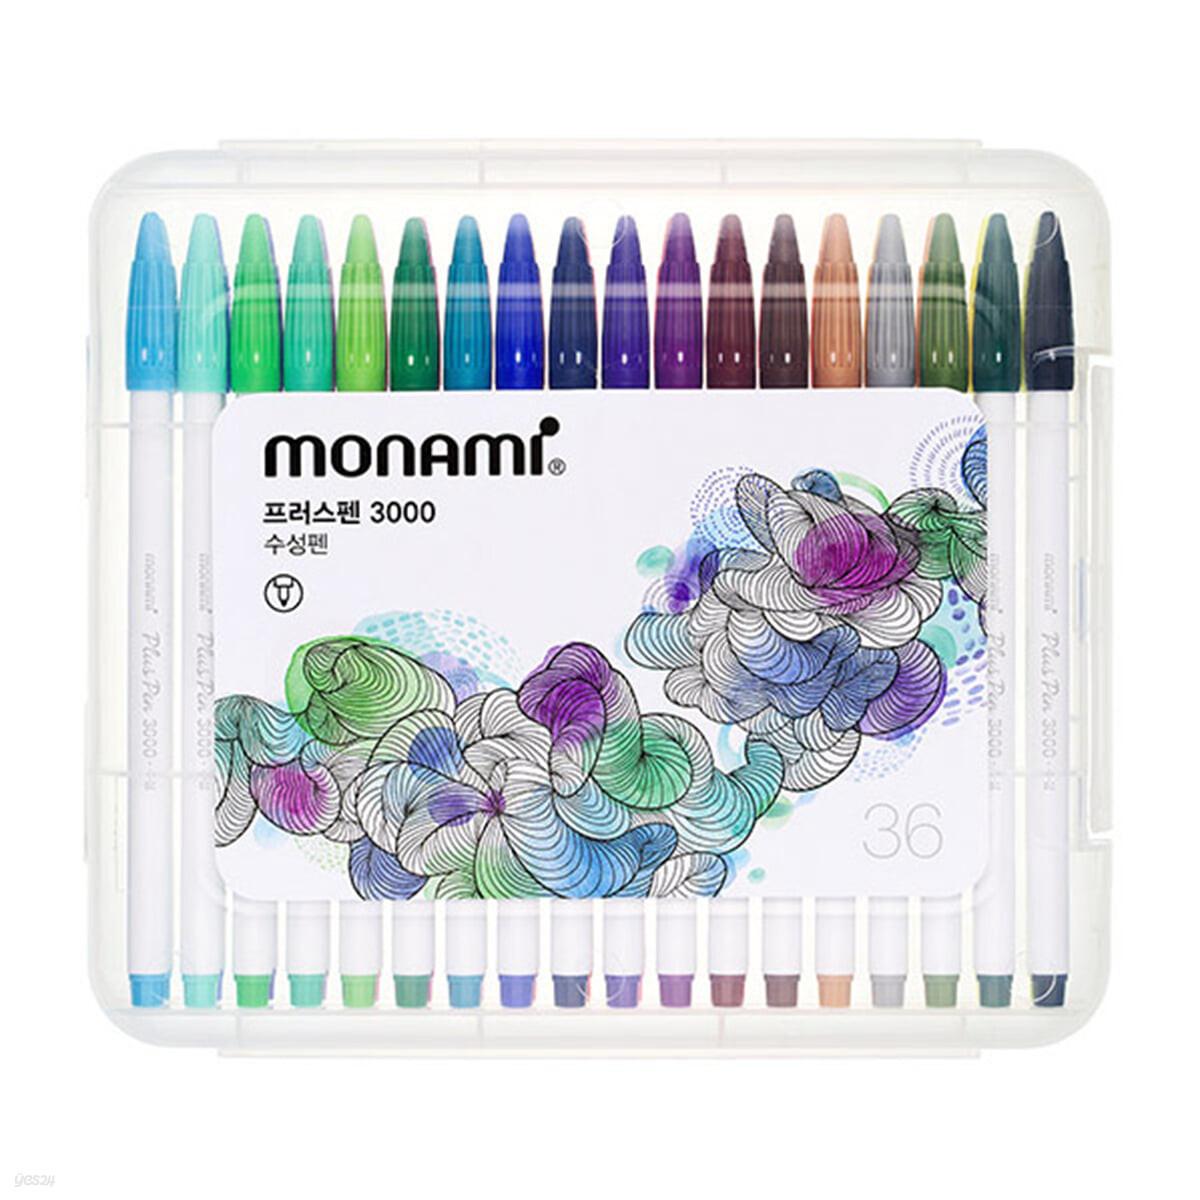 모나미 플러스펜 36 Plus Pen 3000 (PP:36C)